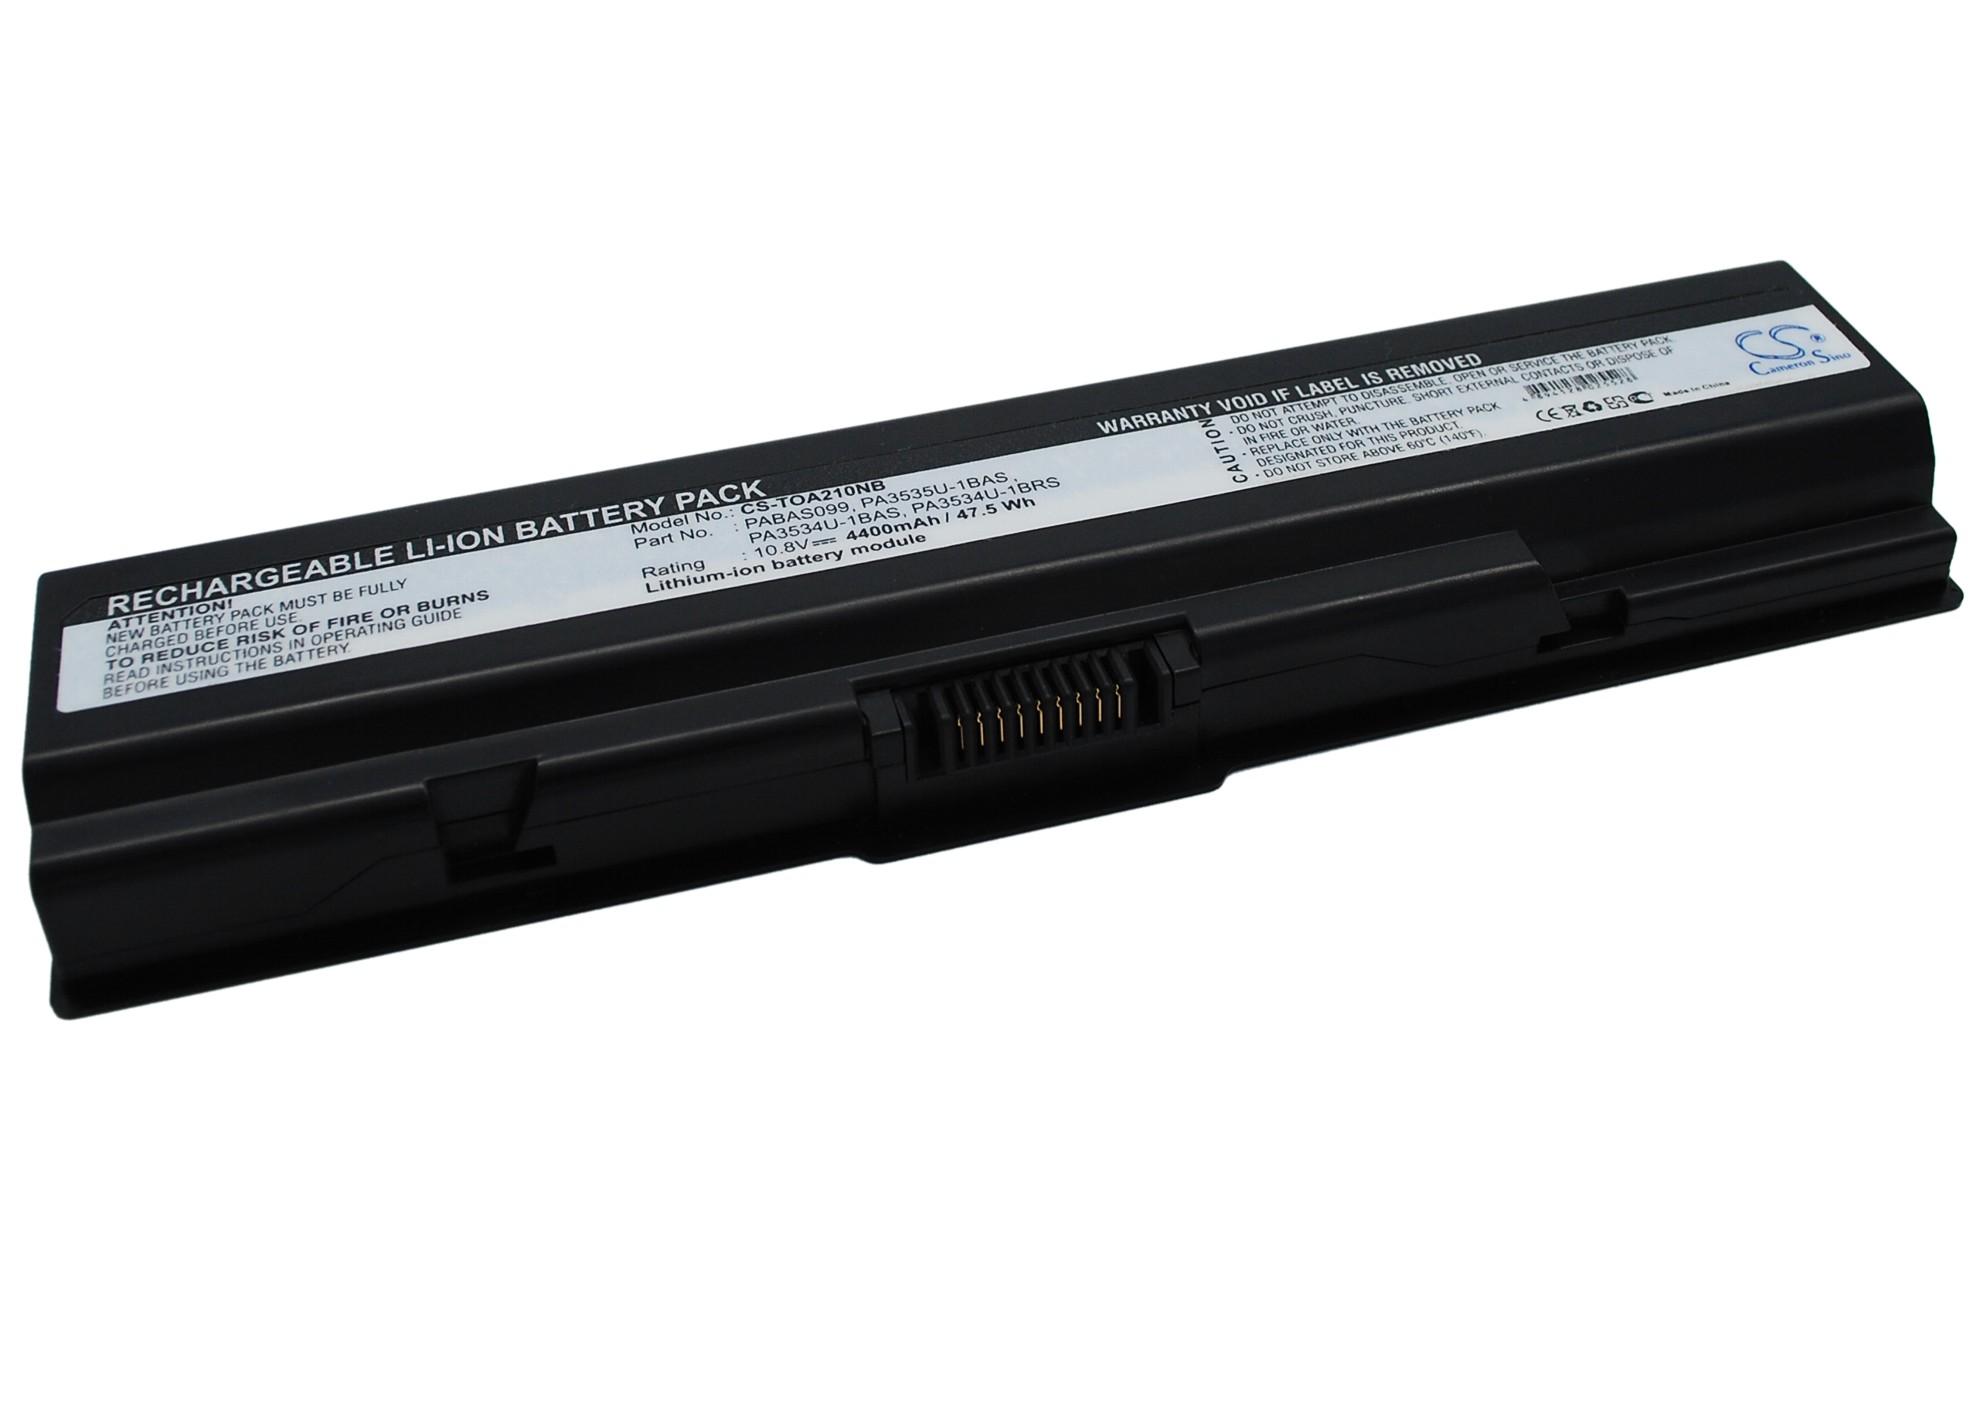 Cameron Sino baterie do notebooků pro TOSHIBA Satellite L505-GS5037 10.8V Li-ion 4400mAh černá - neoriginální